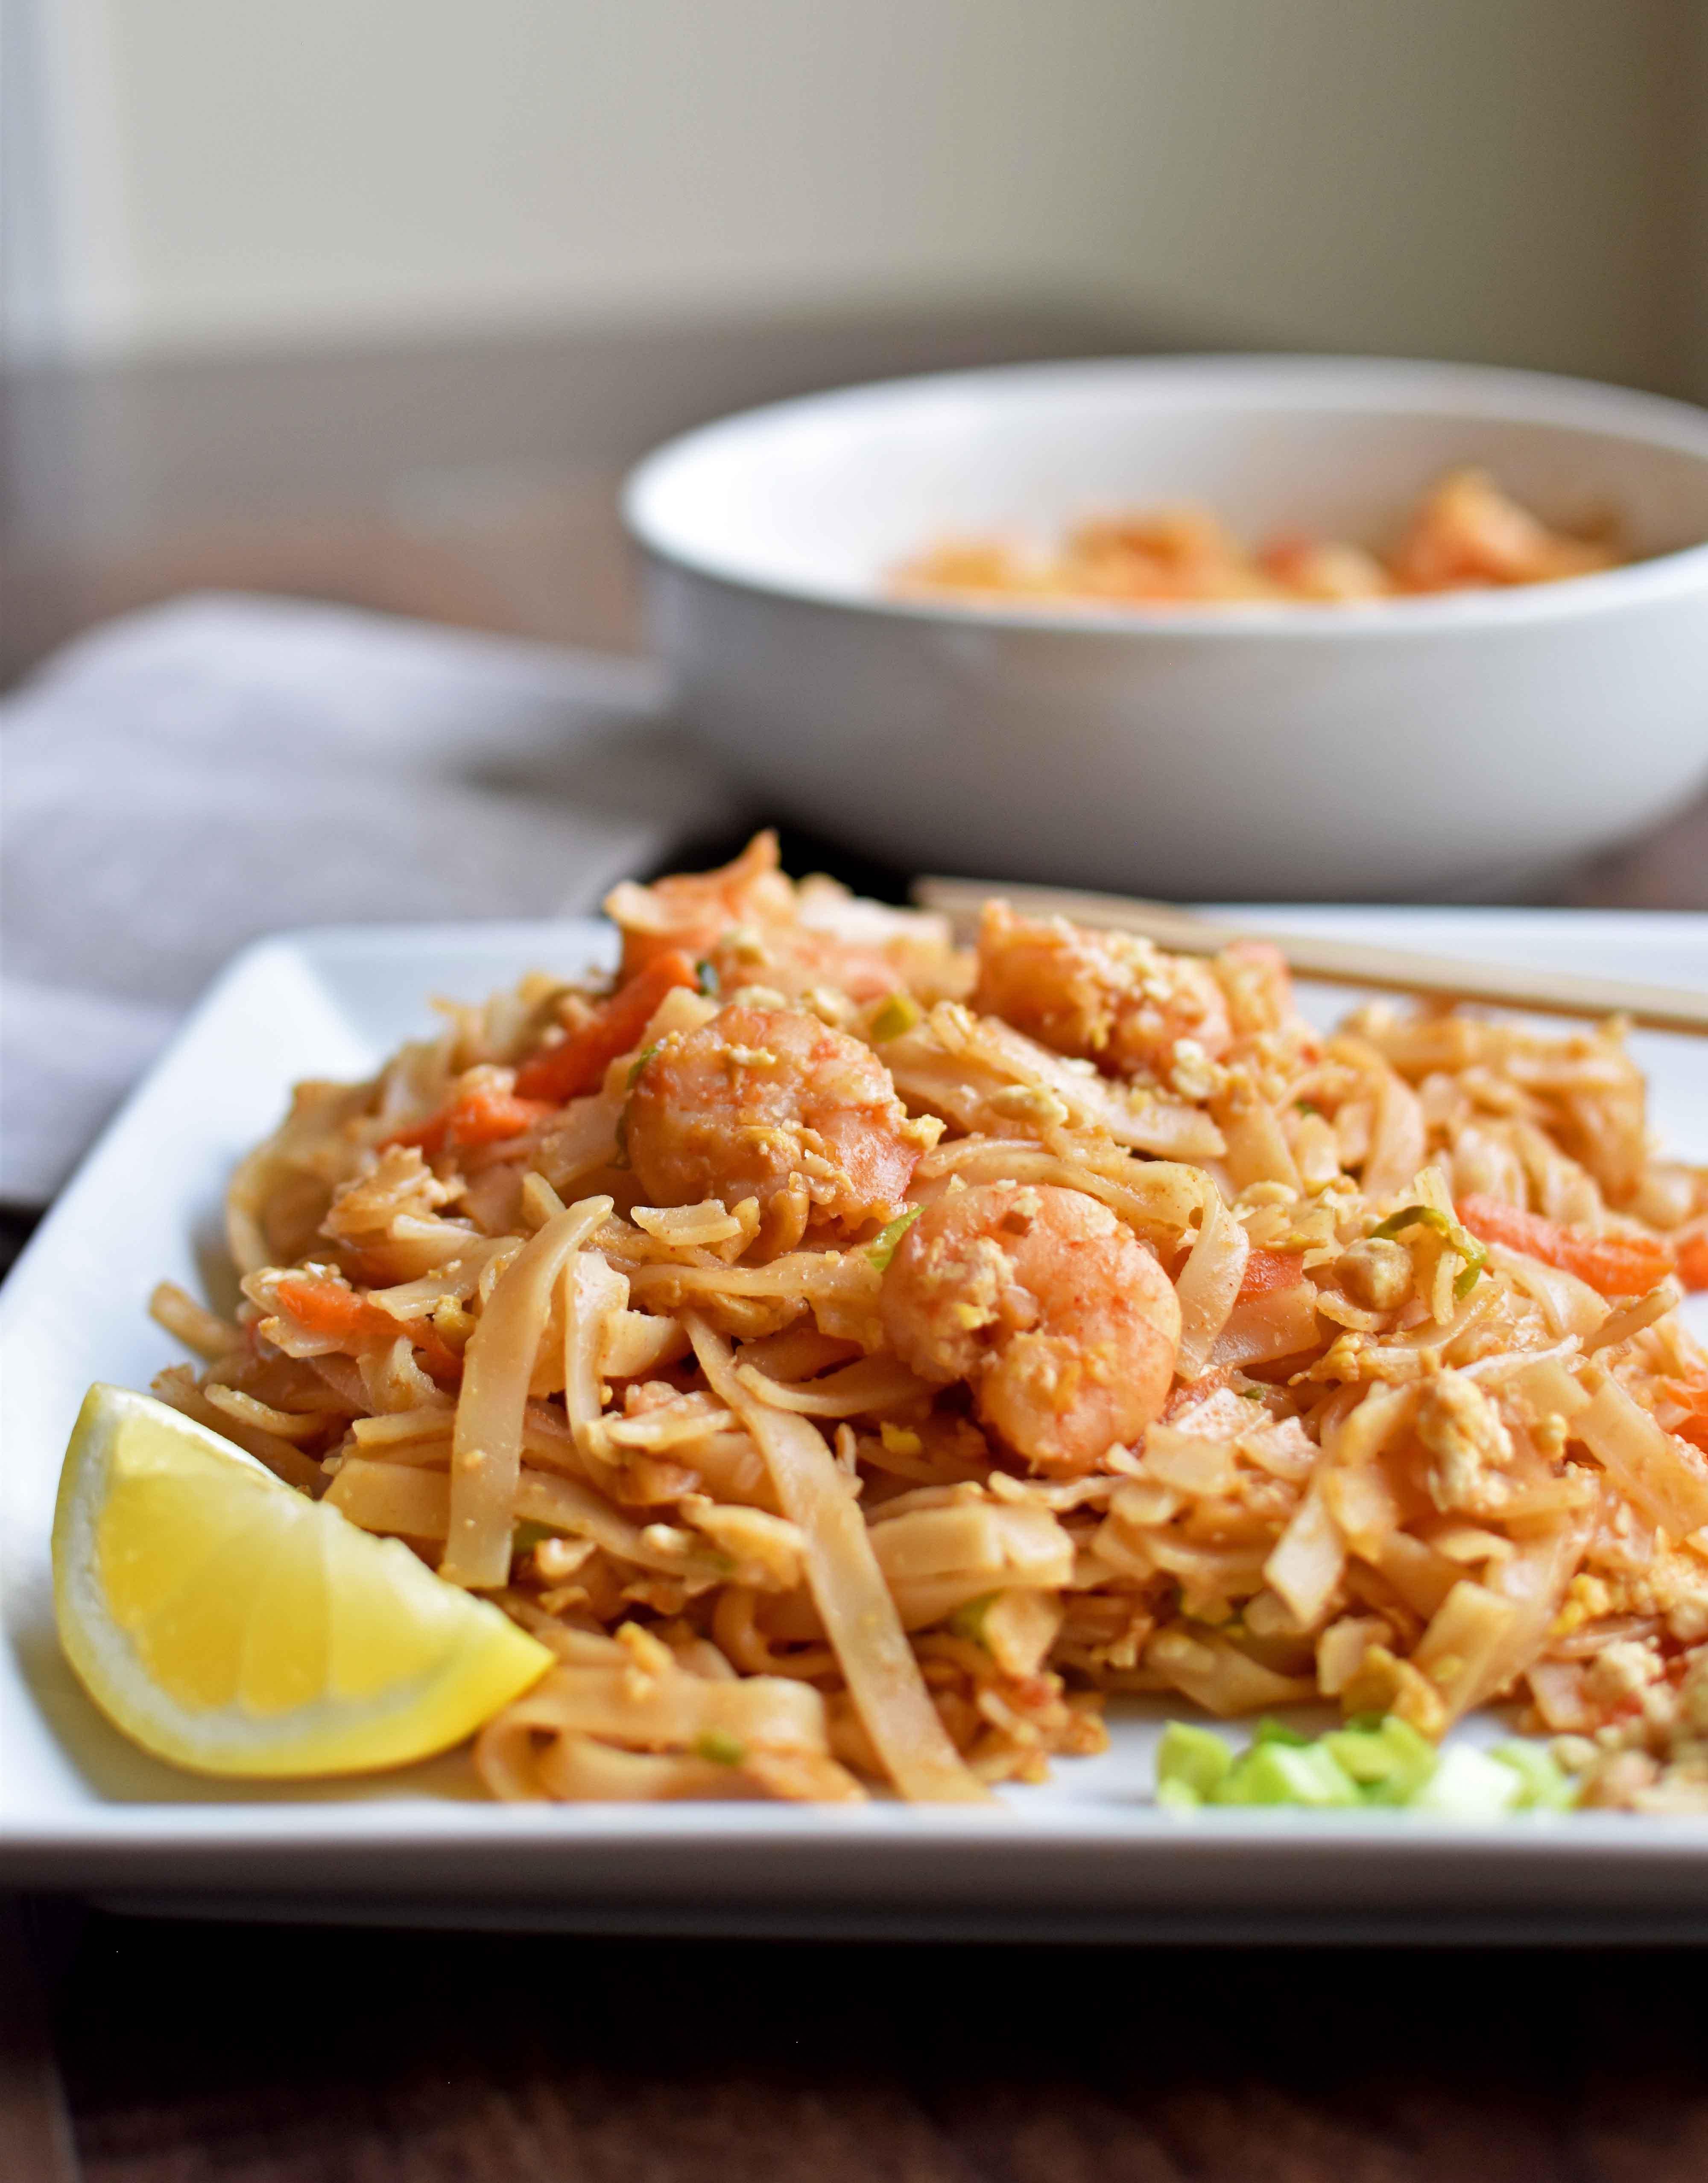 Pad thai with Shrimp - Pepper Delight #pepperdelightblog #recipe #thai #padthai #shrimp #thairecipes